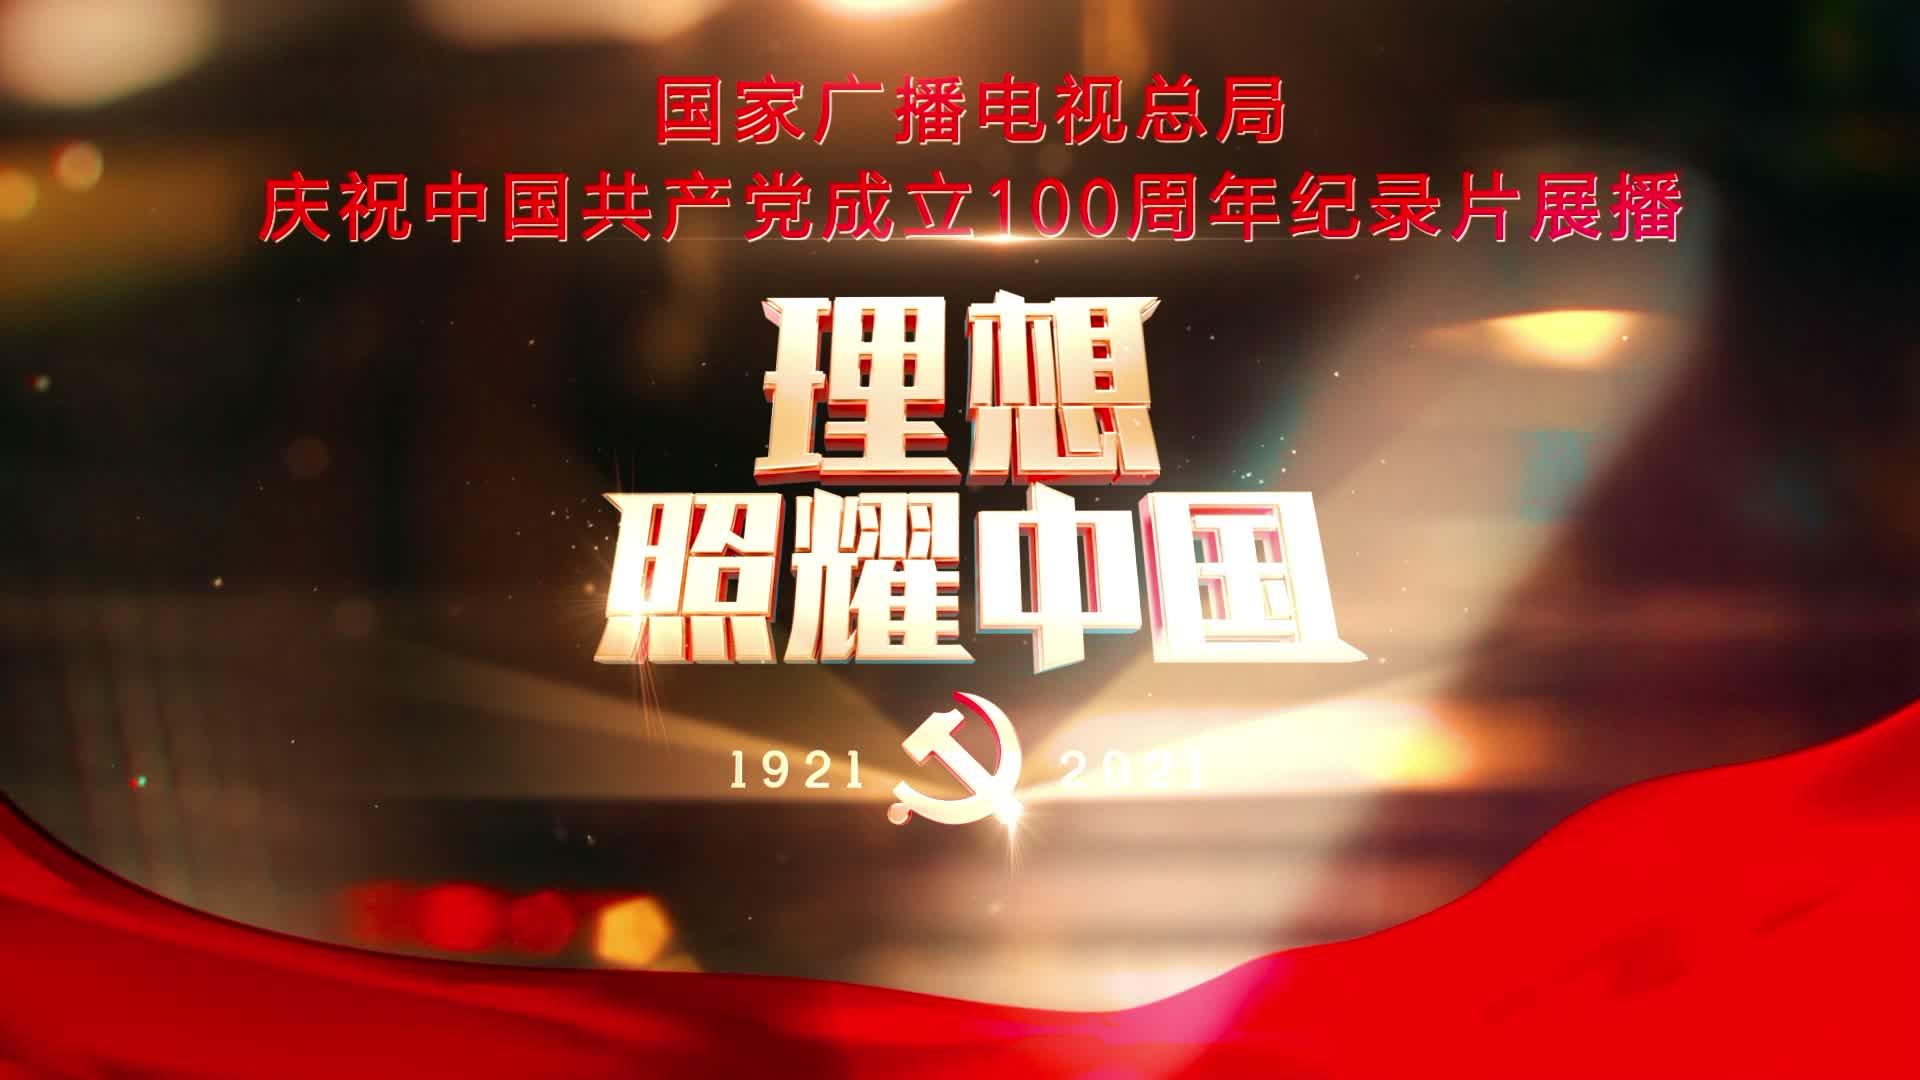 百炼成钢 第10集:南昌城头的枪声